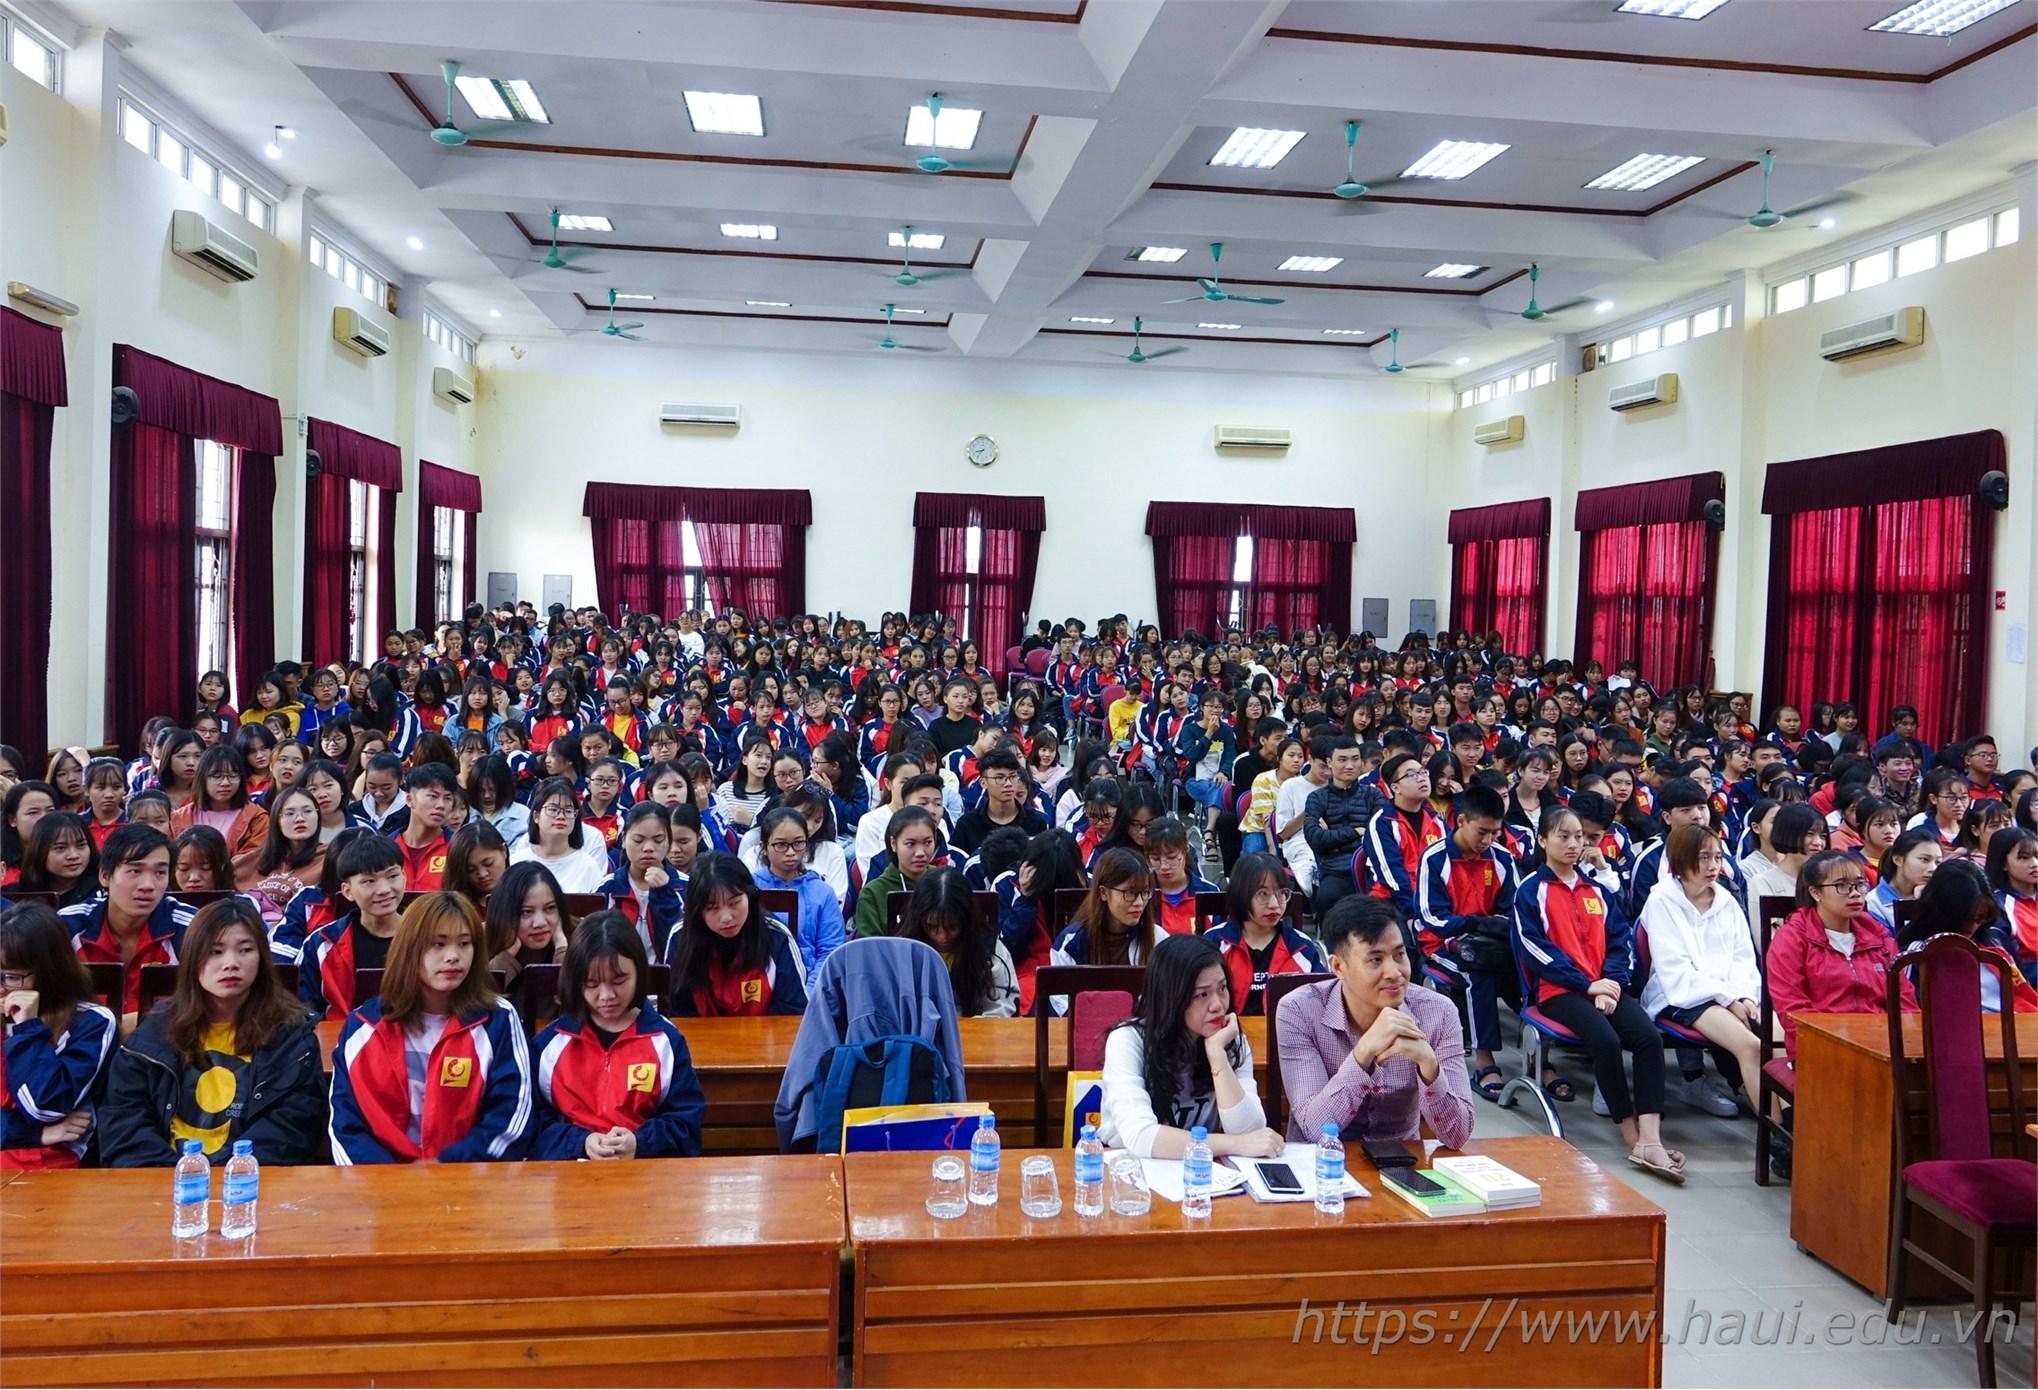 Sinh viên với Hội thảo chuyên đề An toàn thông tin trên không gian mạng